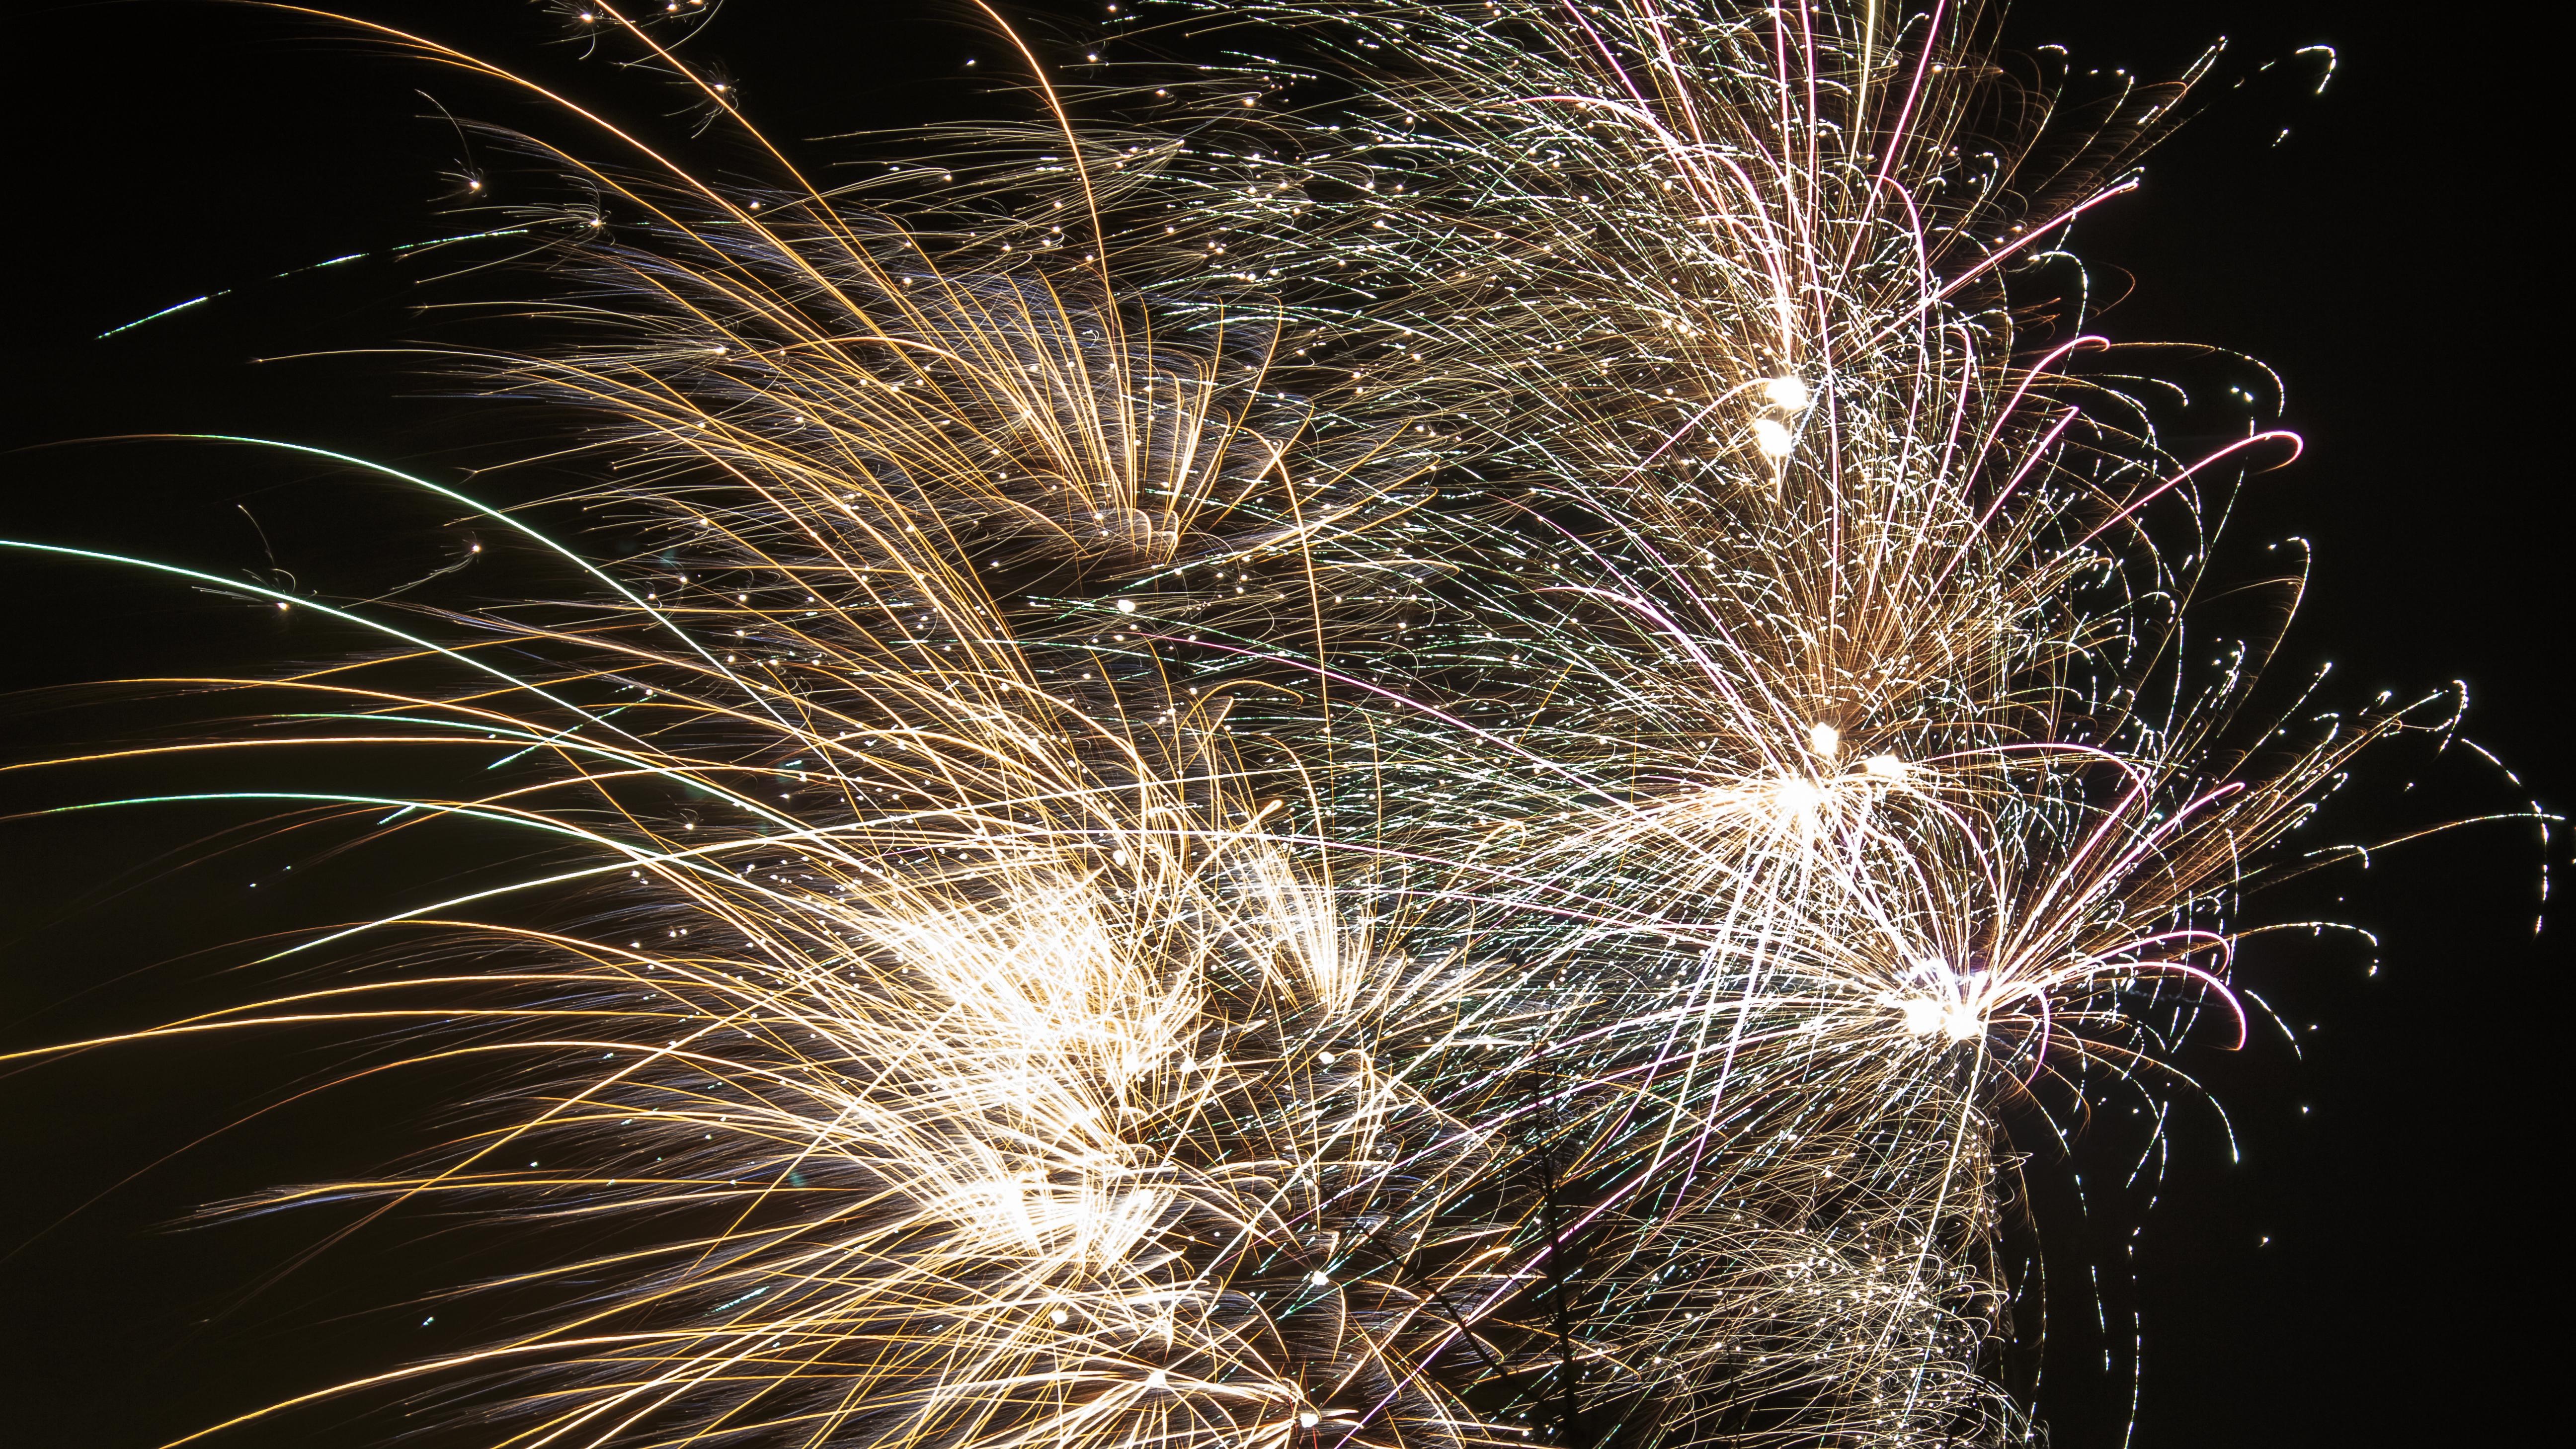 Fireworks 2 by Danimatie